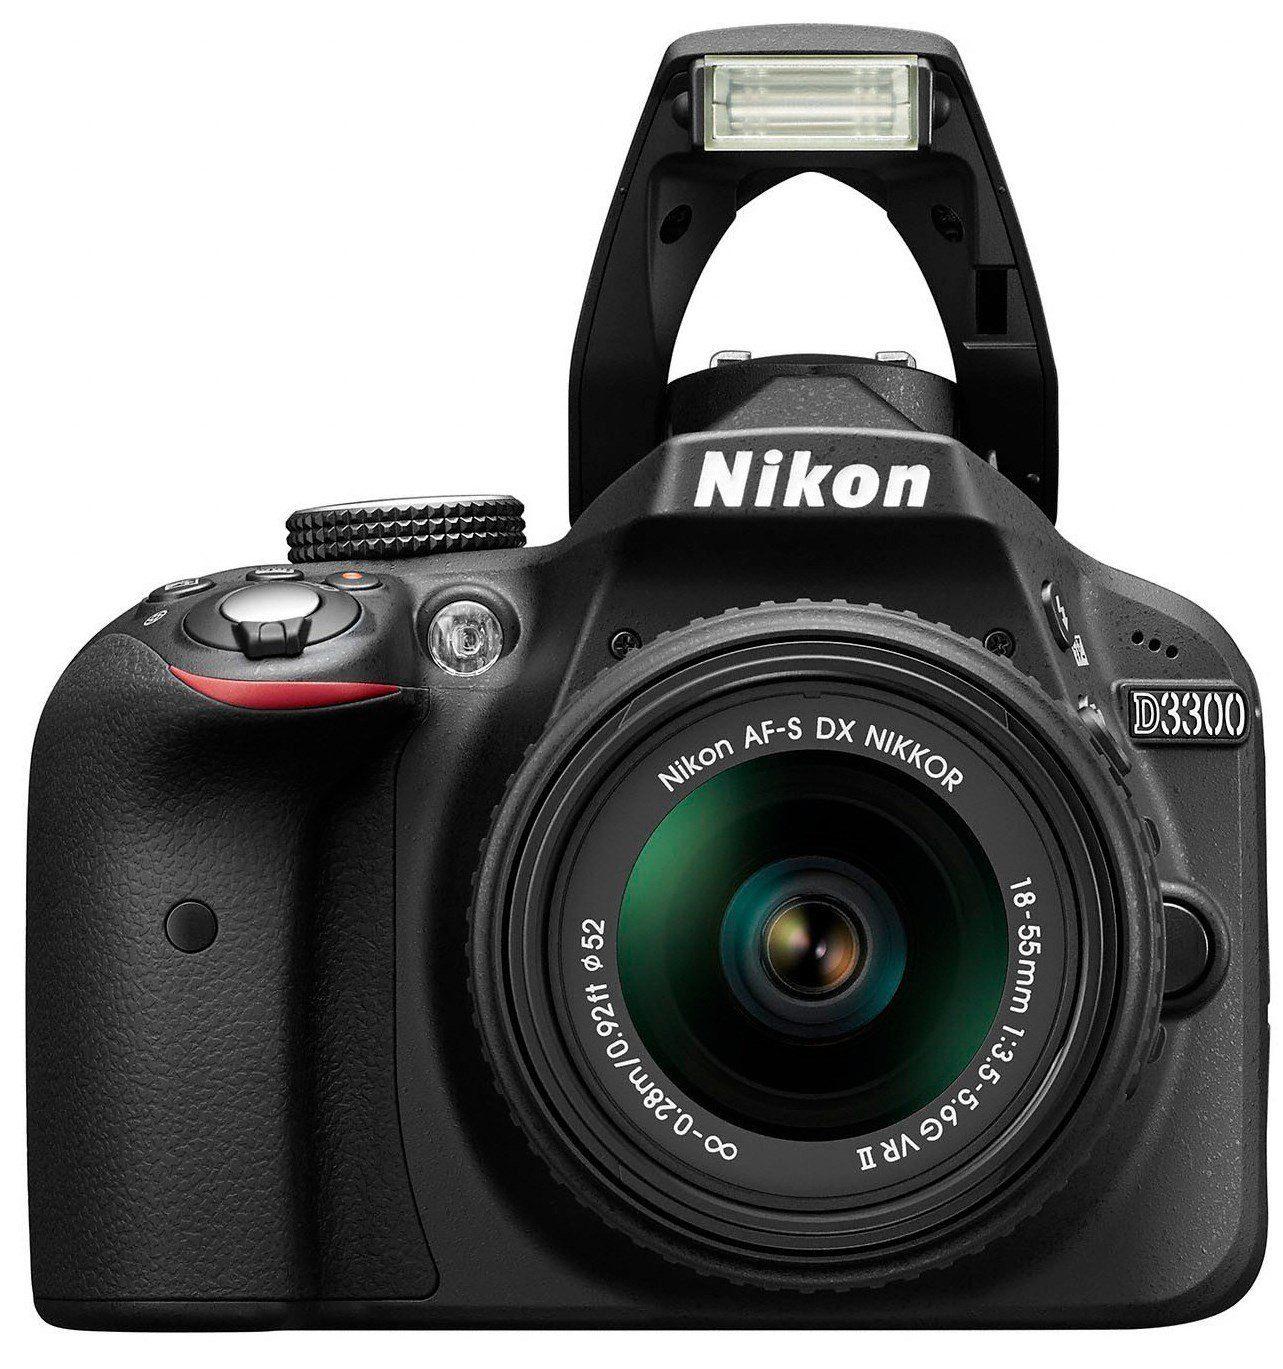 Nikon D3300 SLR-Digitalkamera 3